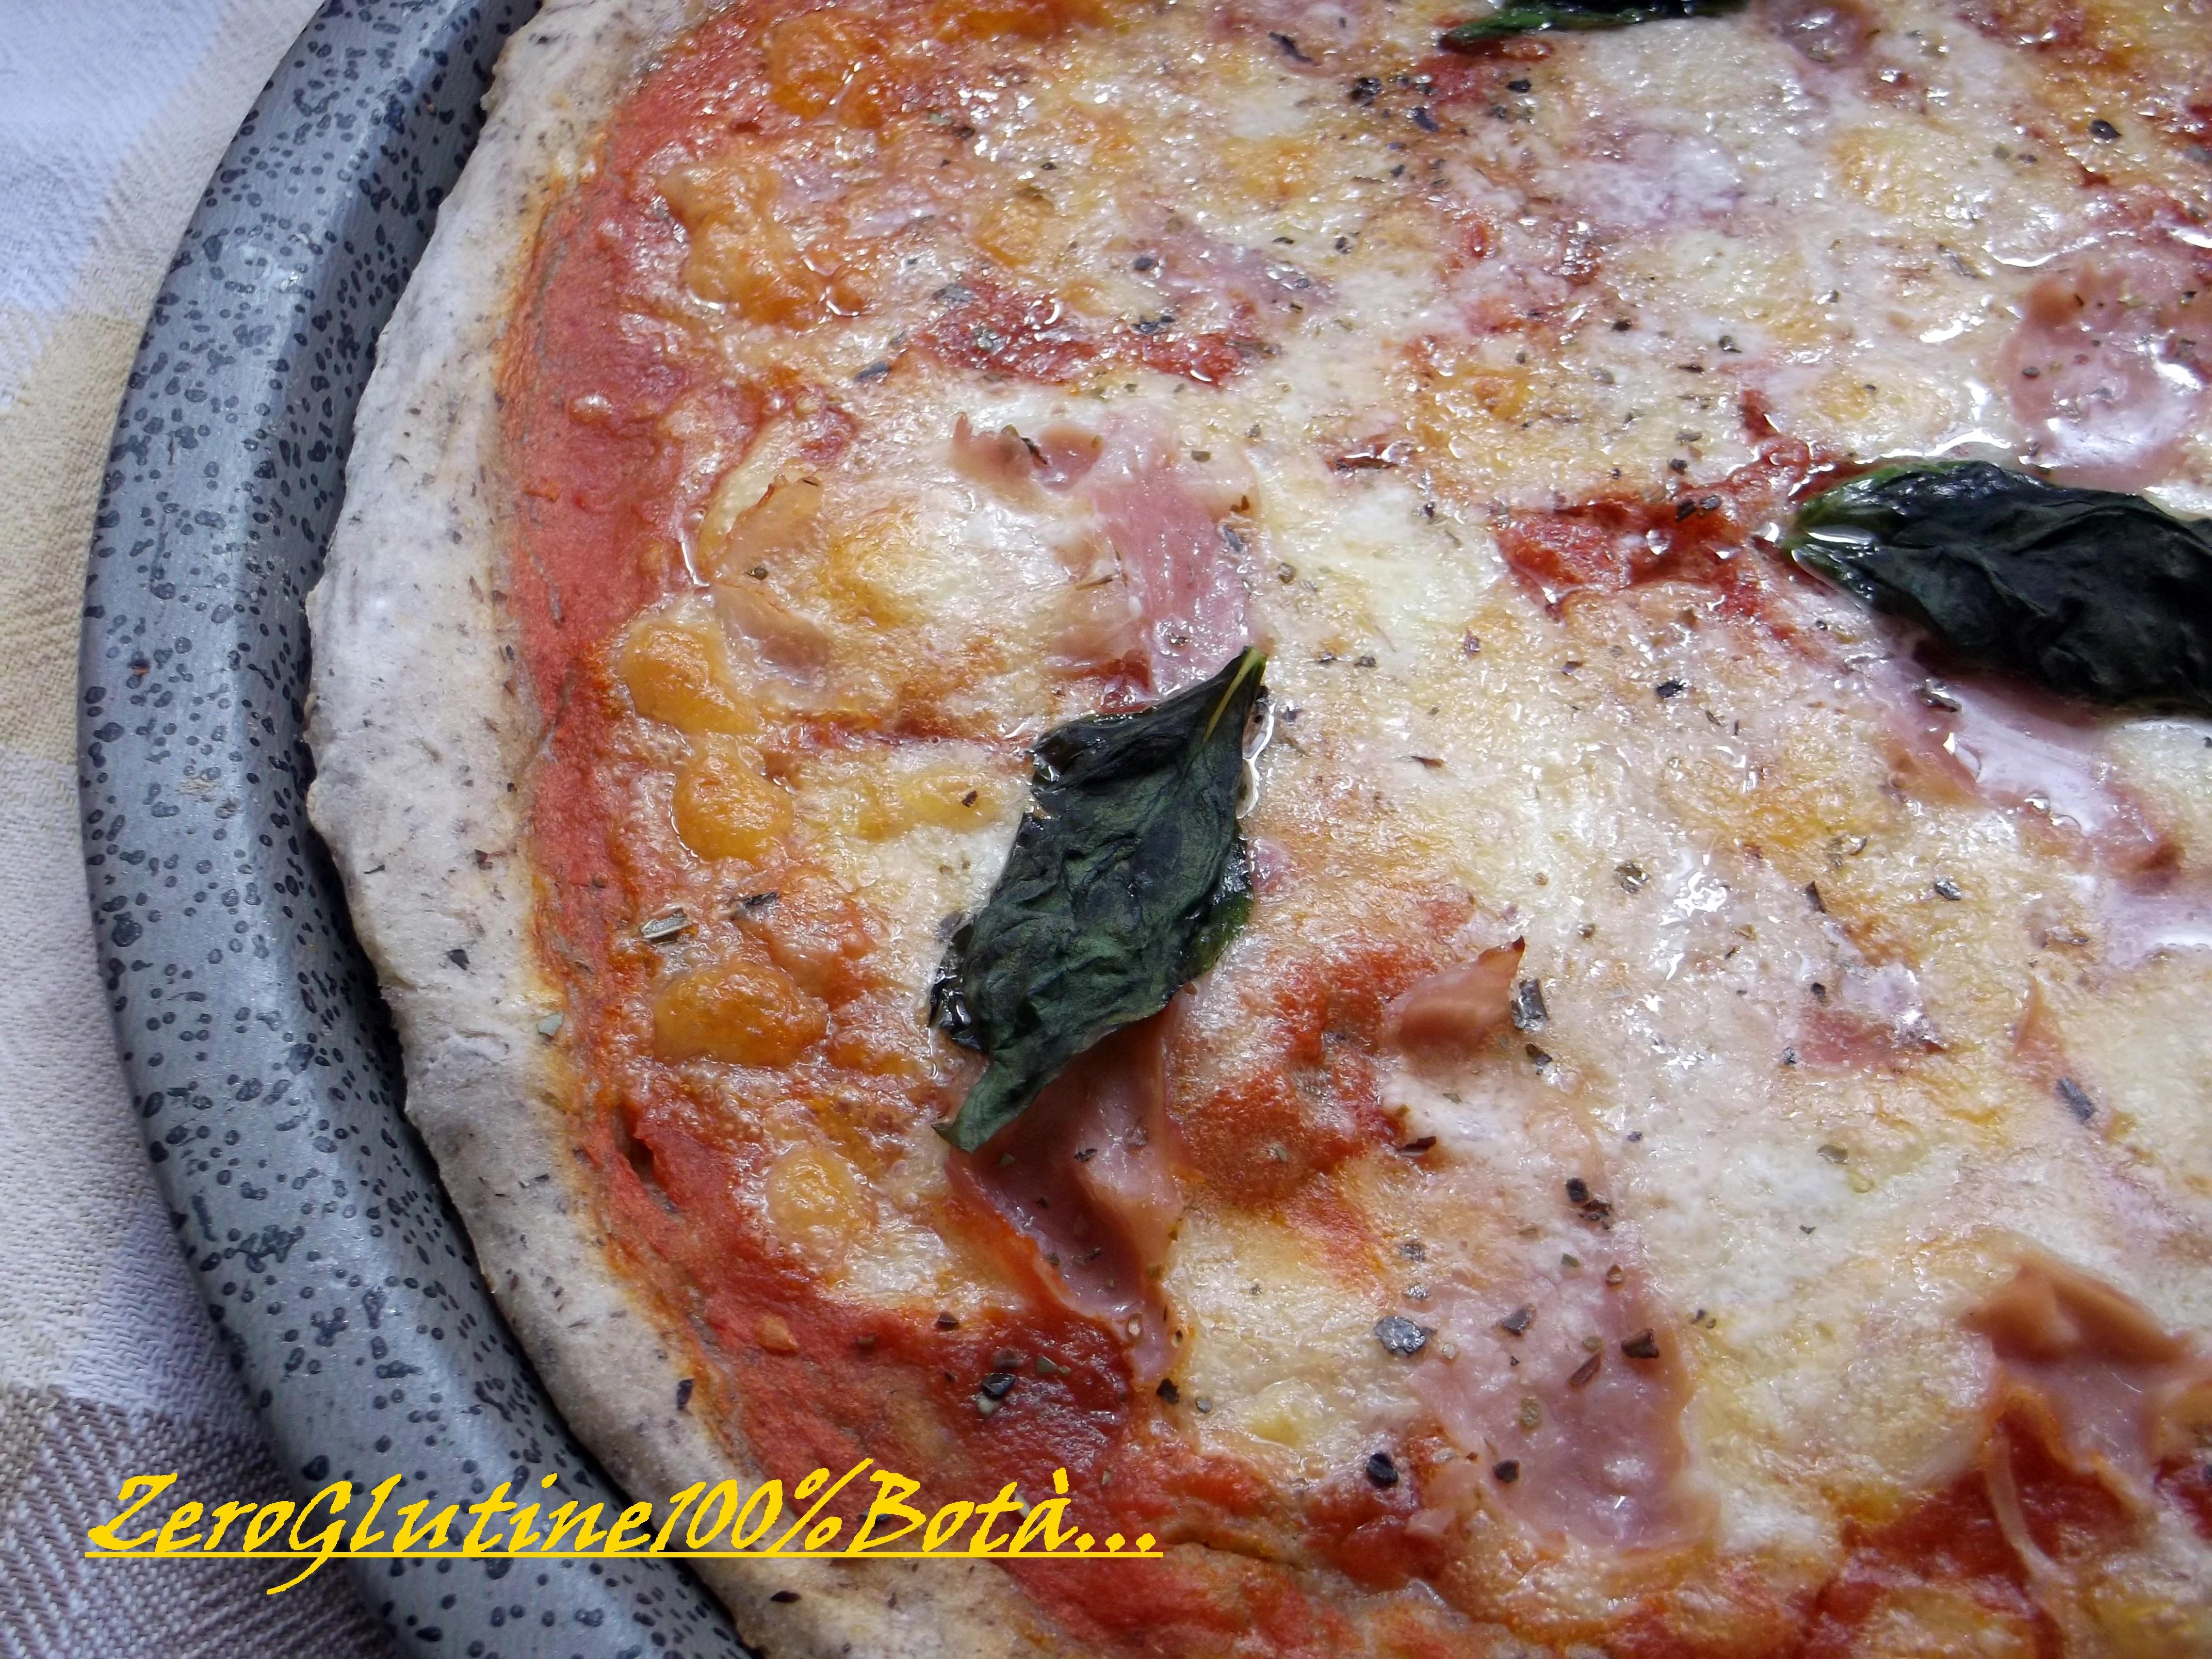 Pizza senza Glutine e senza lievito (Con Farine Naturali)